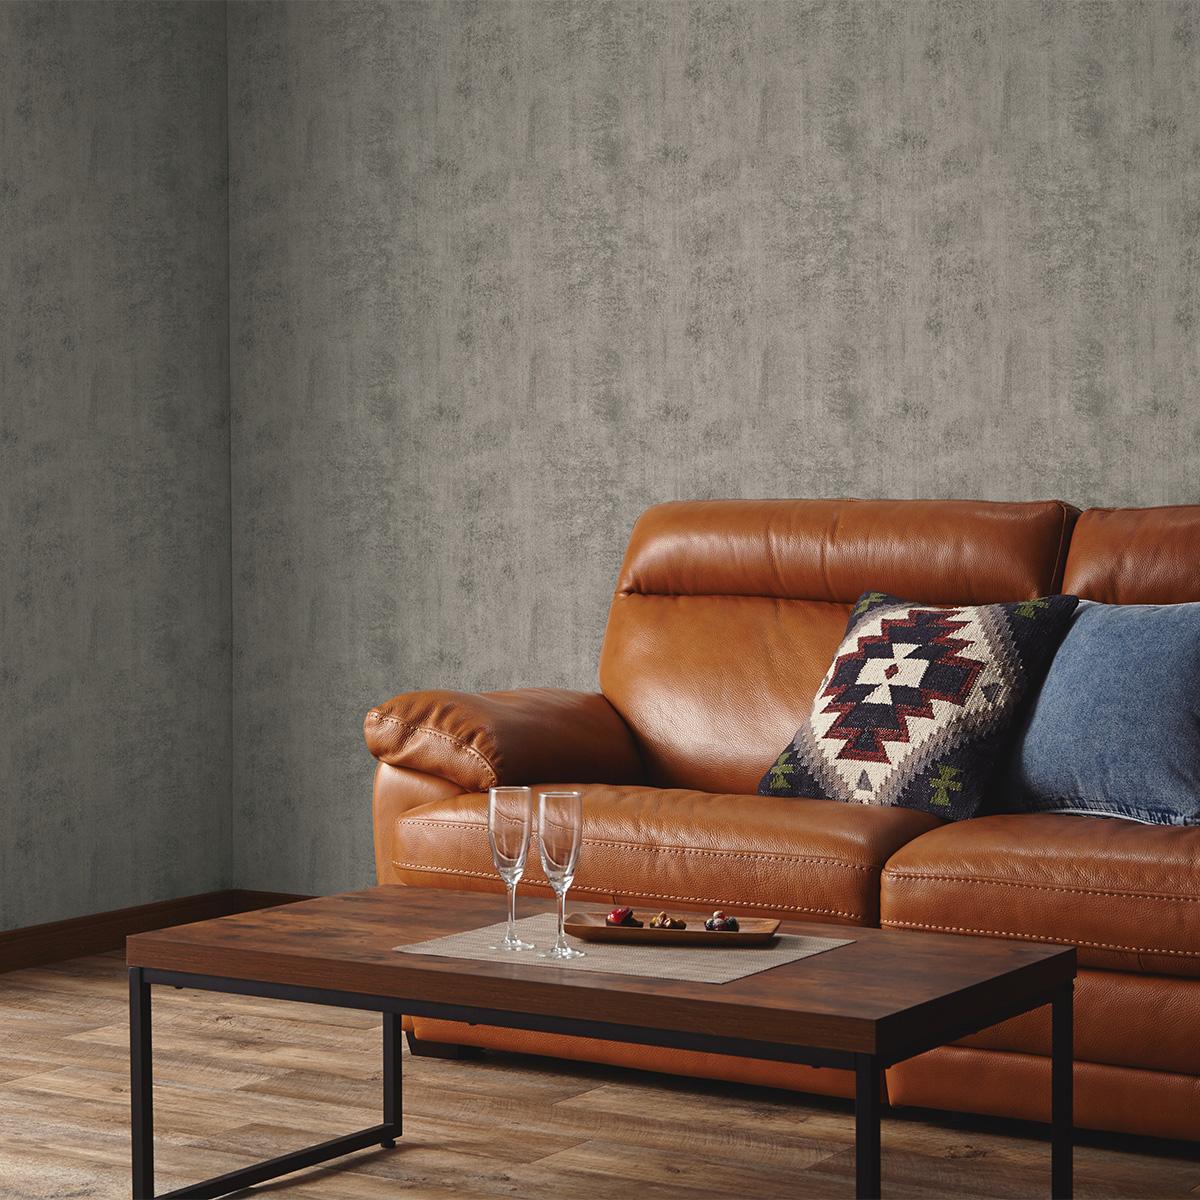 タイムセール 市場 家具 インテリア ホームファッション ホーム